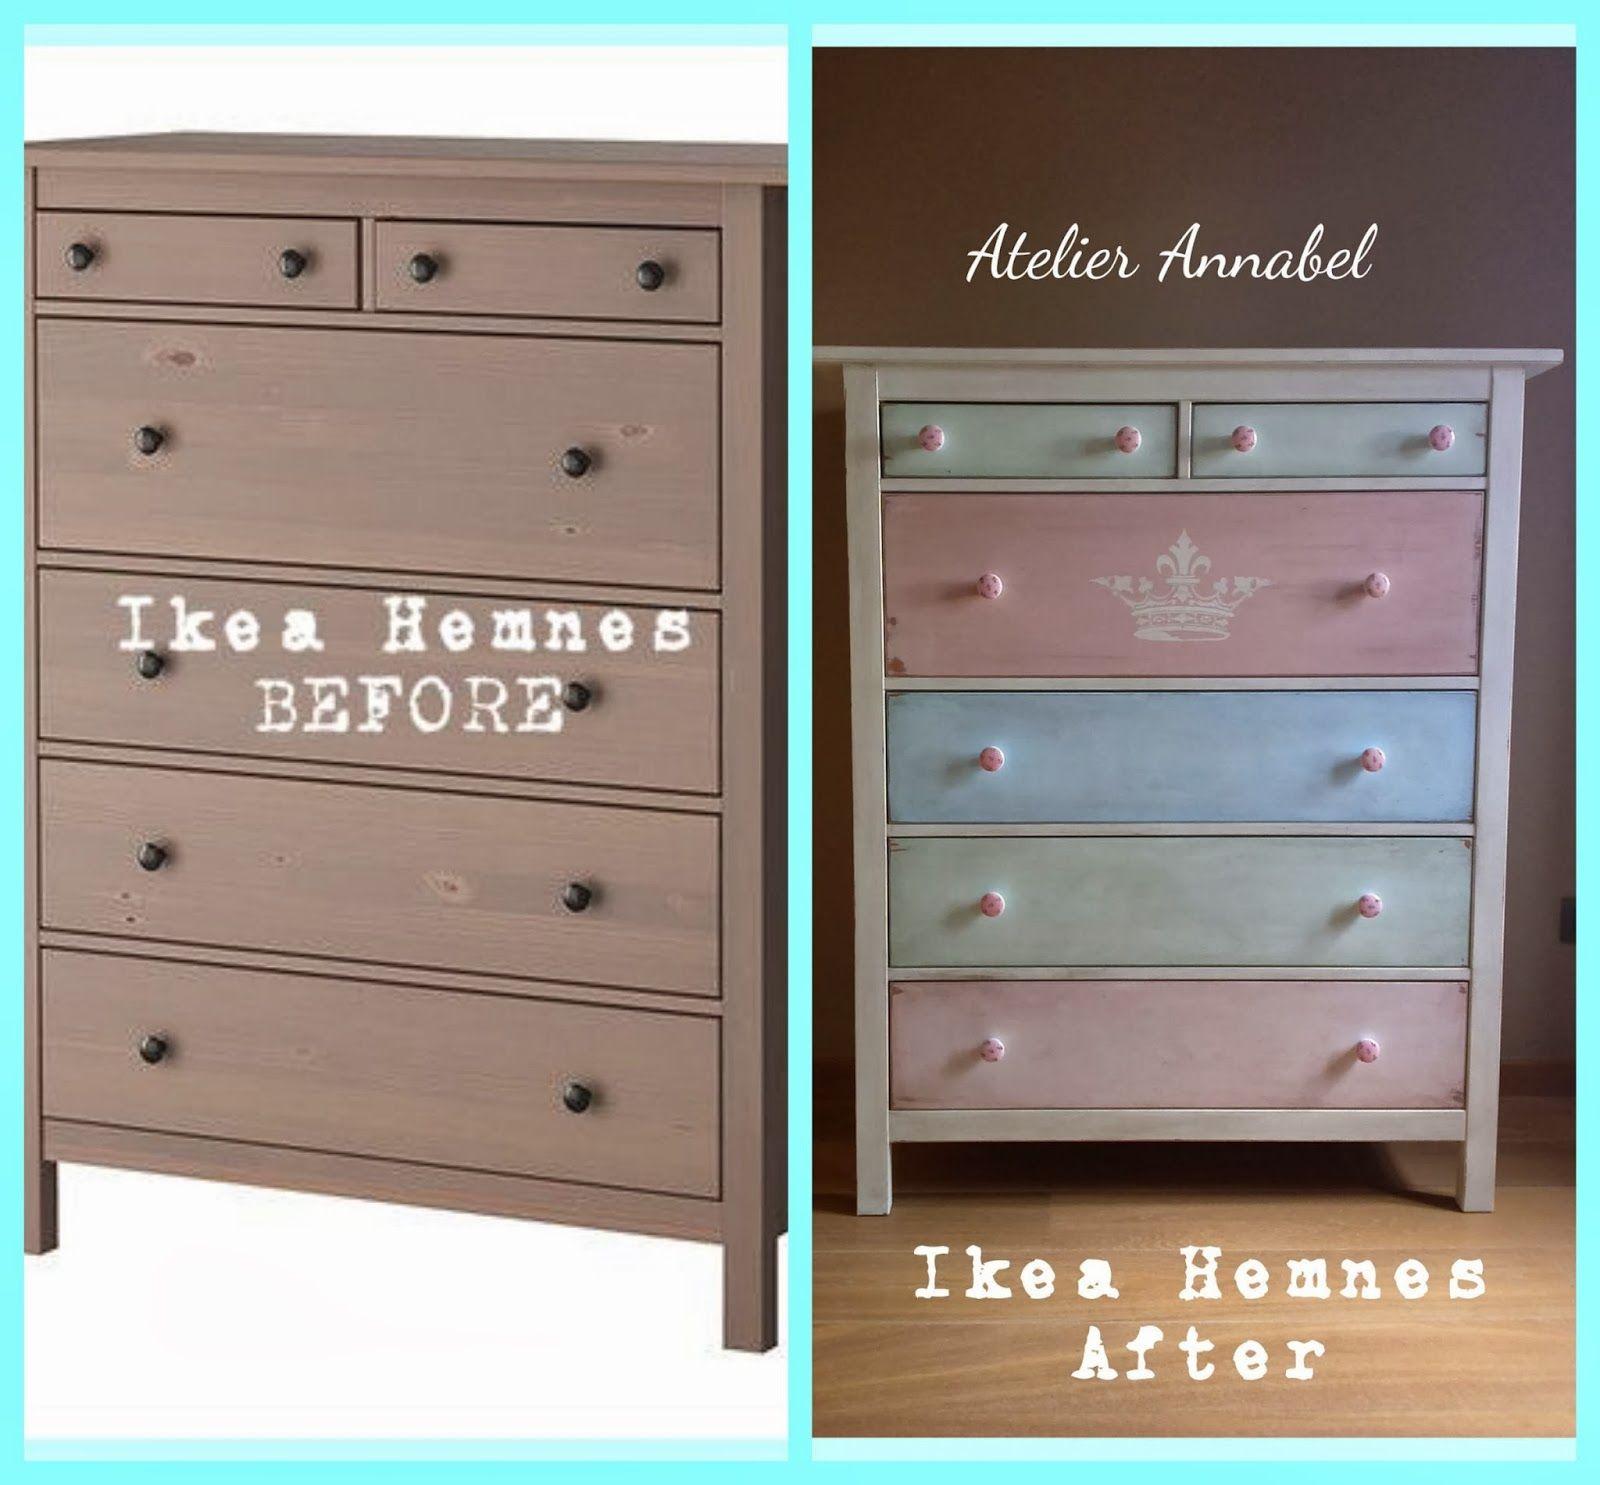 Antes y despu s de un mueble de ikea fant sticamente for Pintar mueble ikea chalk paint